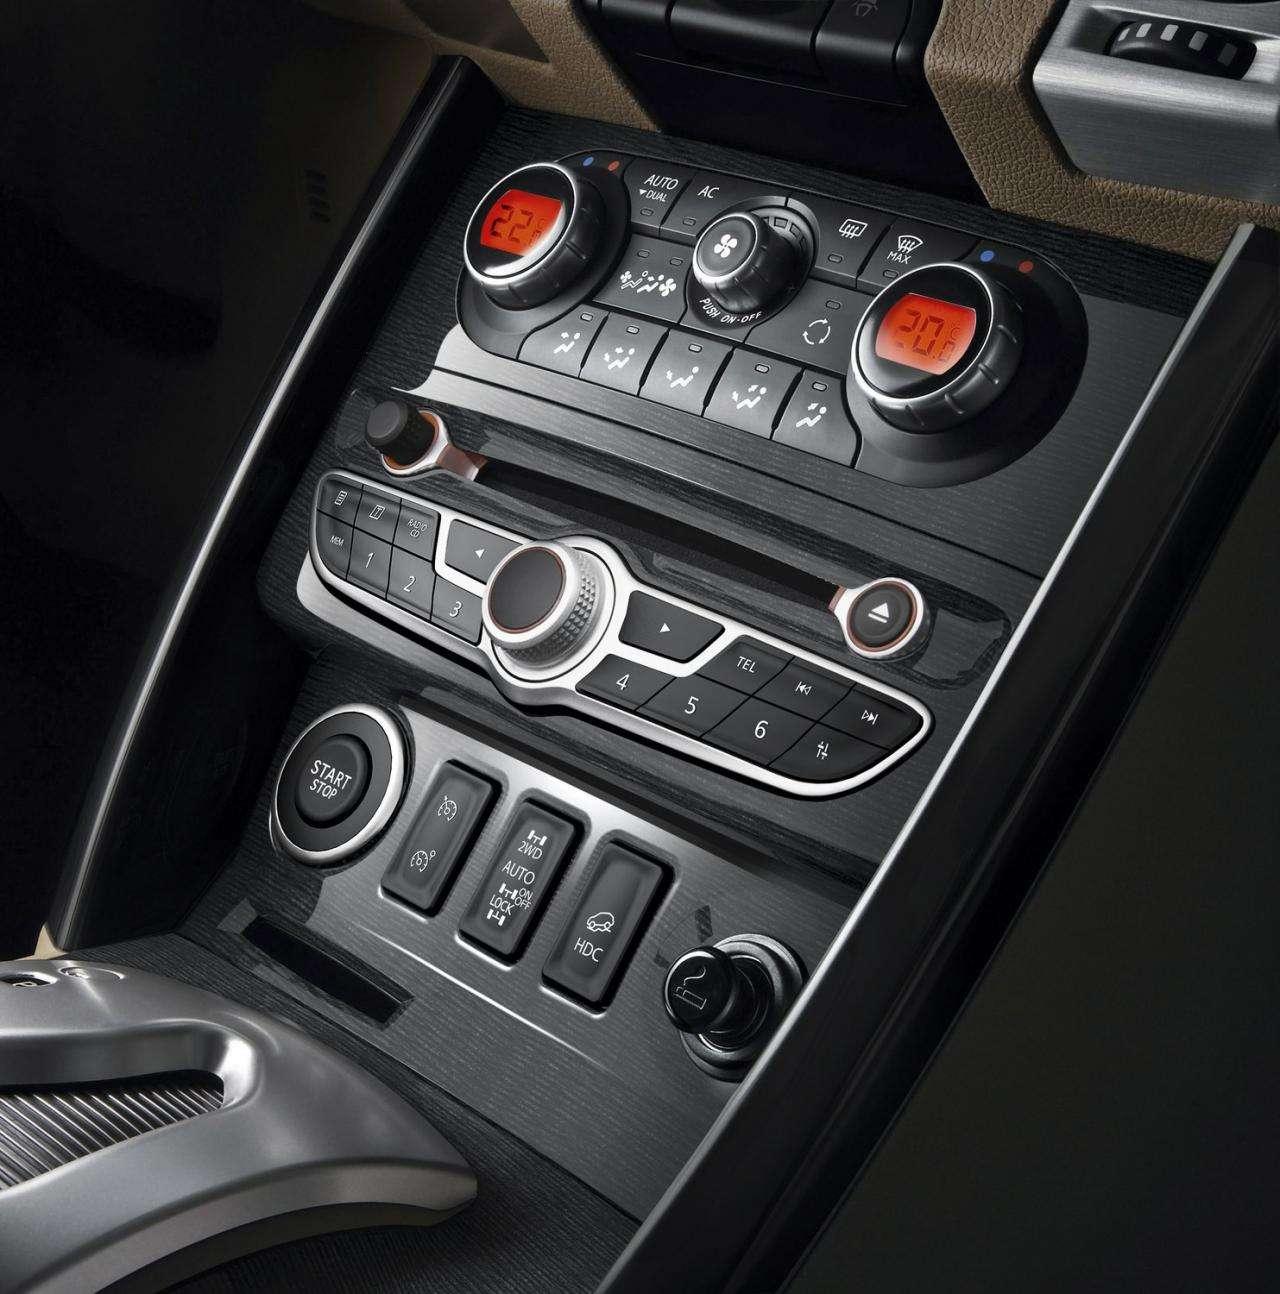 Nowe Renault Koleos zdjecia czerwiec 2011